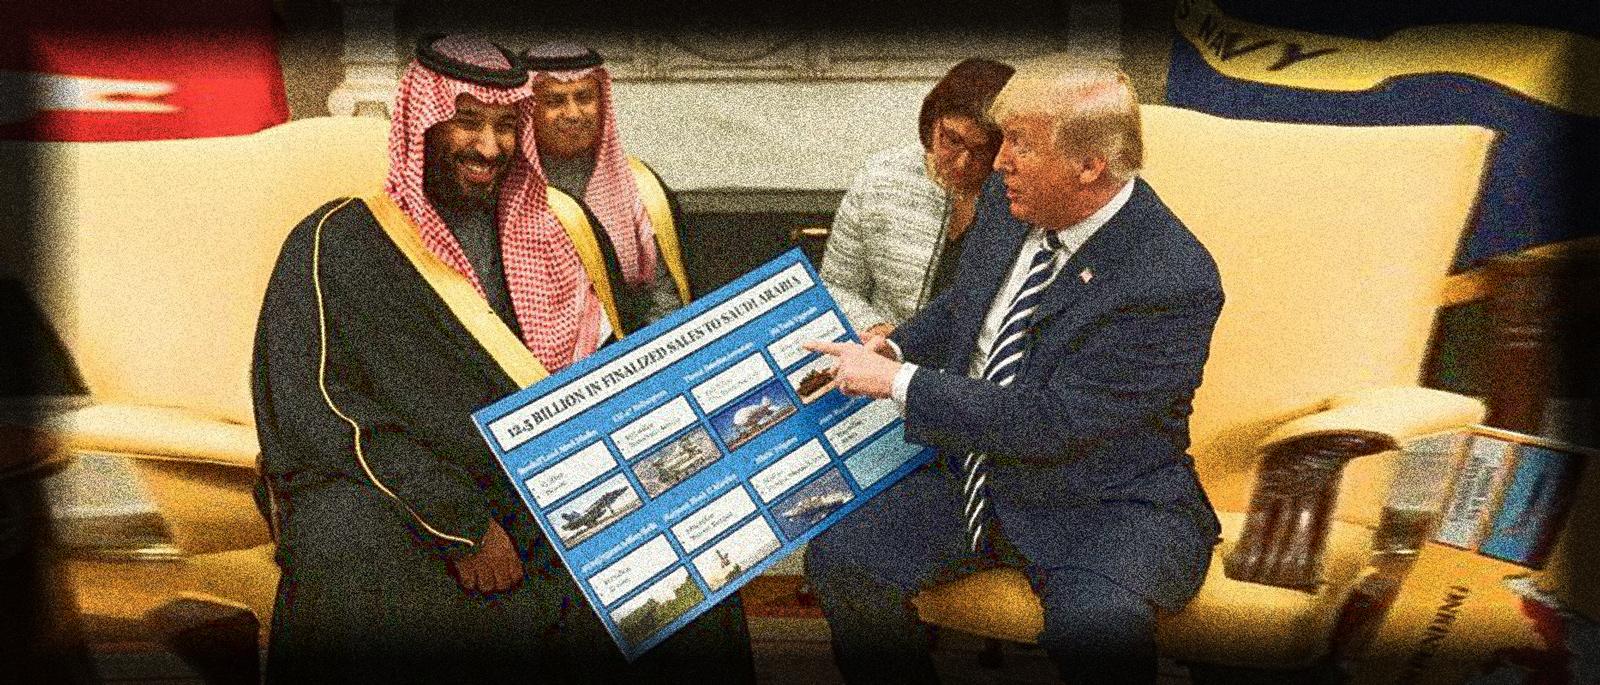 Trump erklärt Fake-Notstand, um weiter Waffen nach Saudi-Arabien zu liefern <br>  <span id='sec-title'>Machtmissbrauch und der Weg zum Autoritarismus</span>